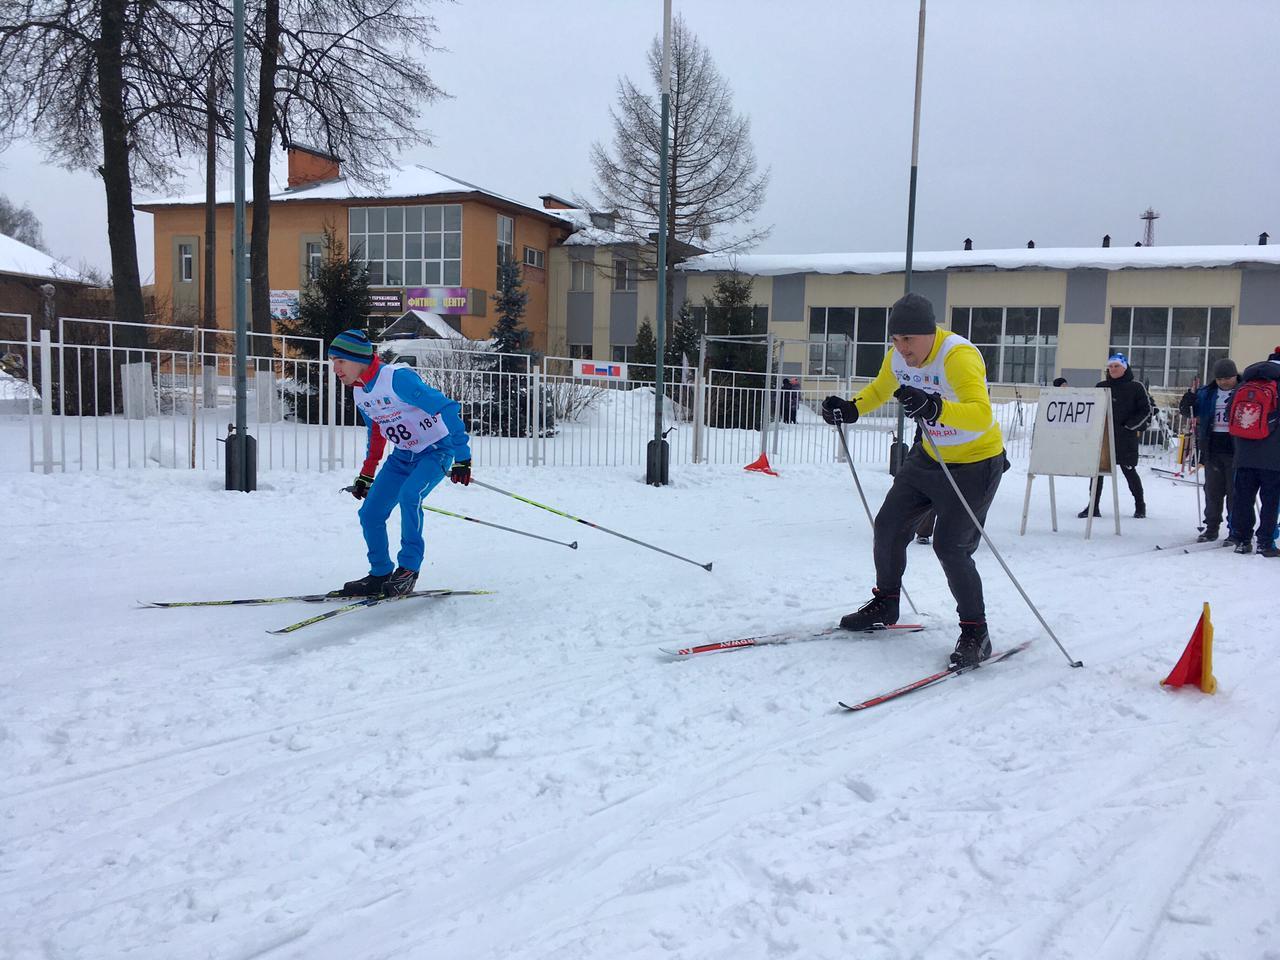 Регулярное участие в лыжных и скиджоринговых соревнованиях.